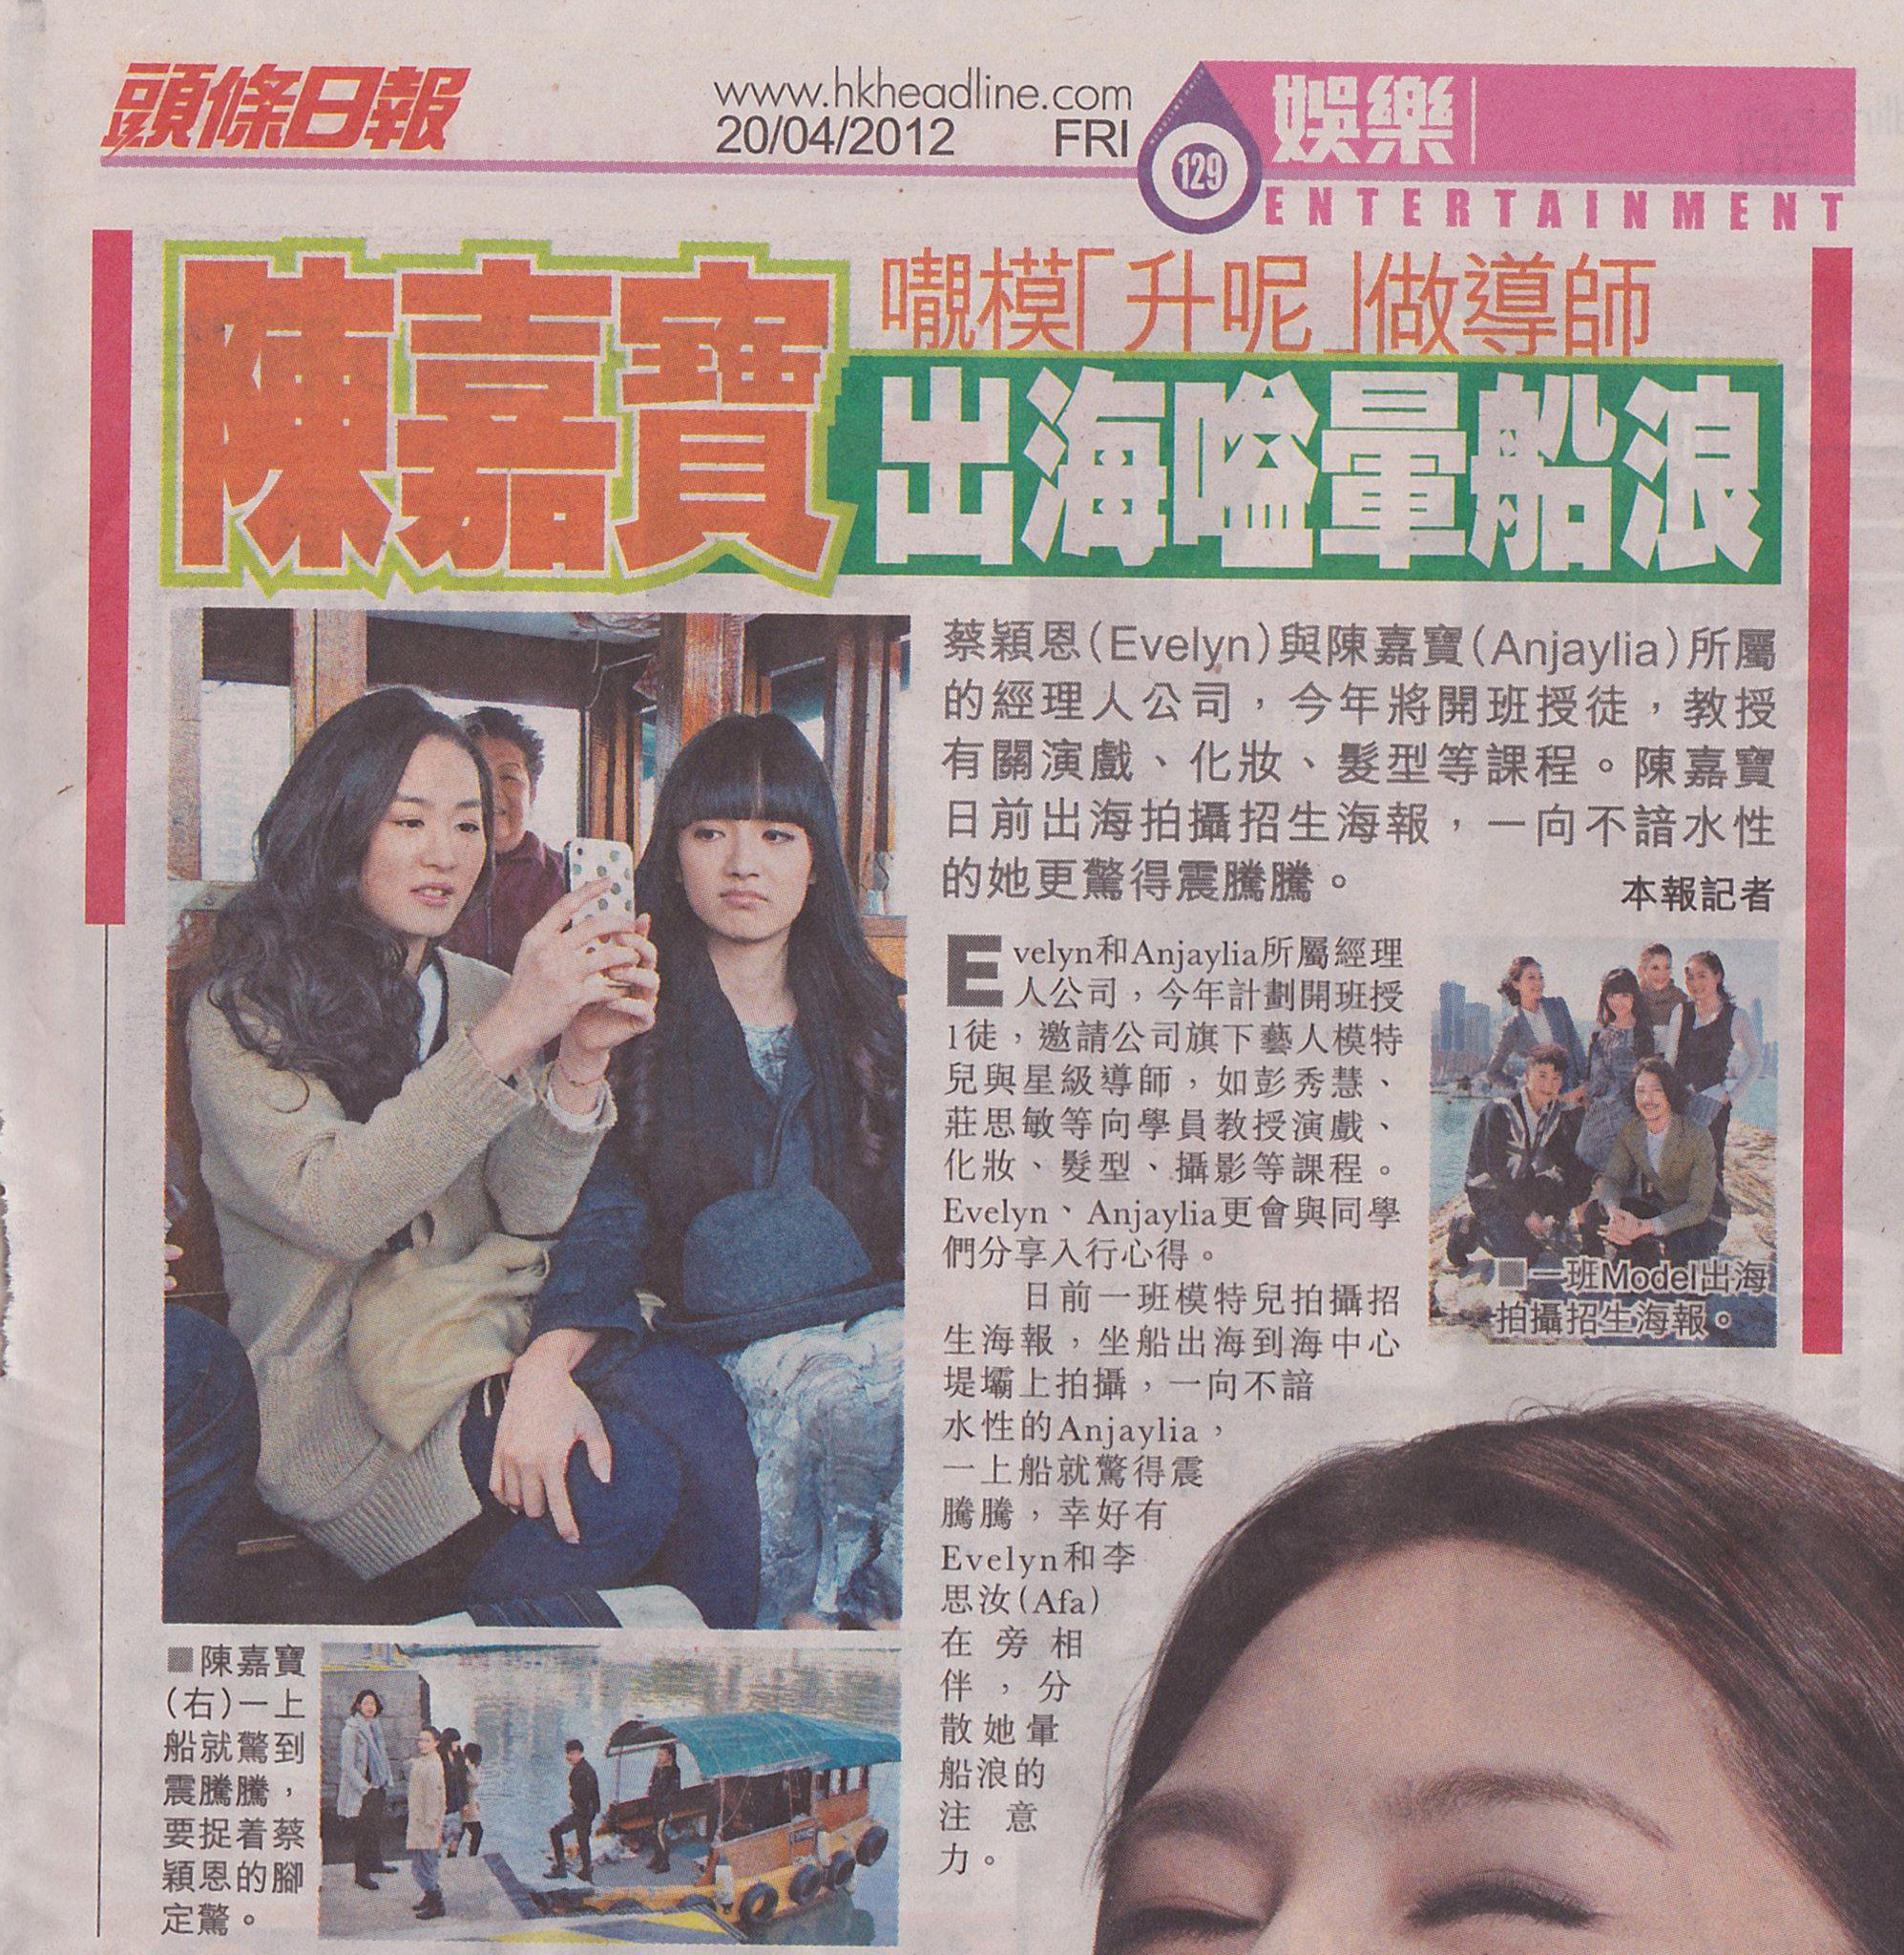 傳媒報導《頭條日報》娛樂 2012.04.20